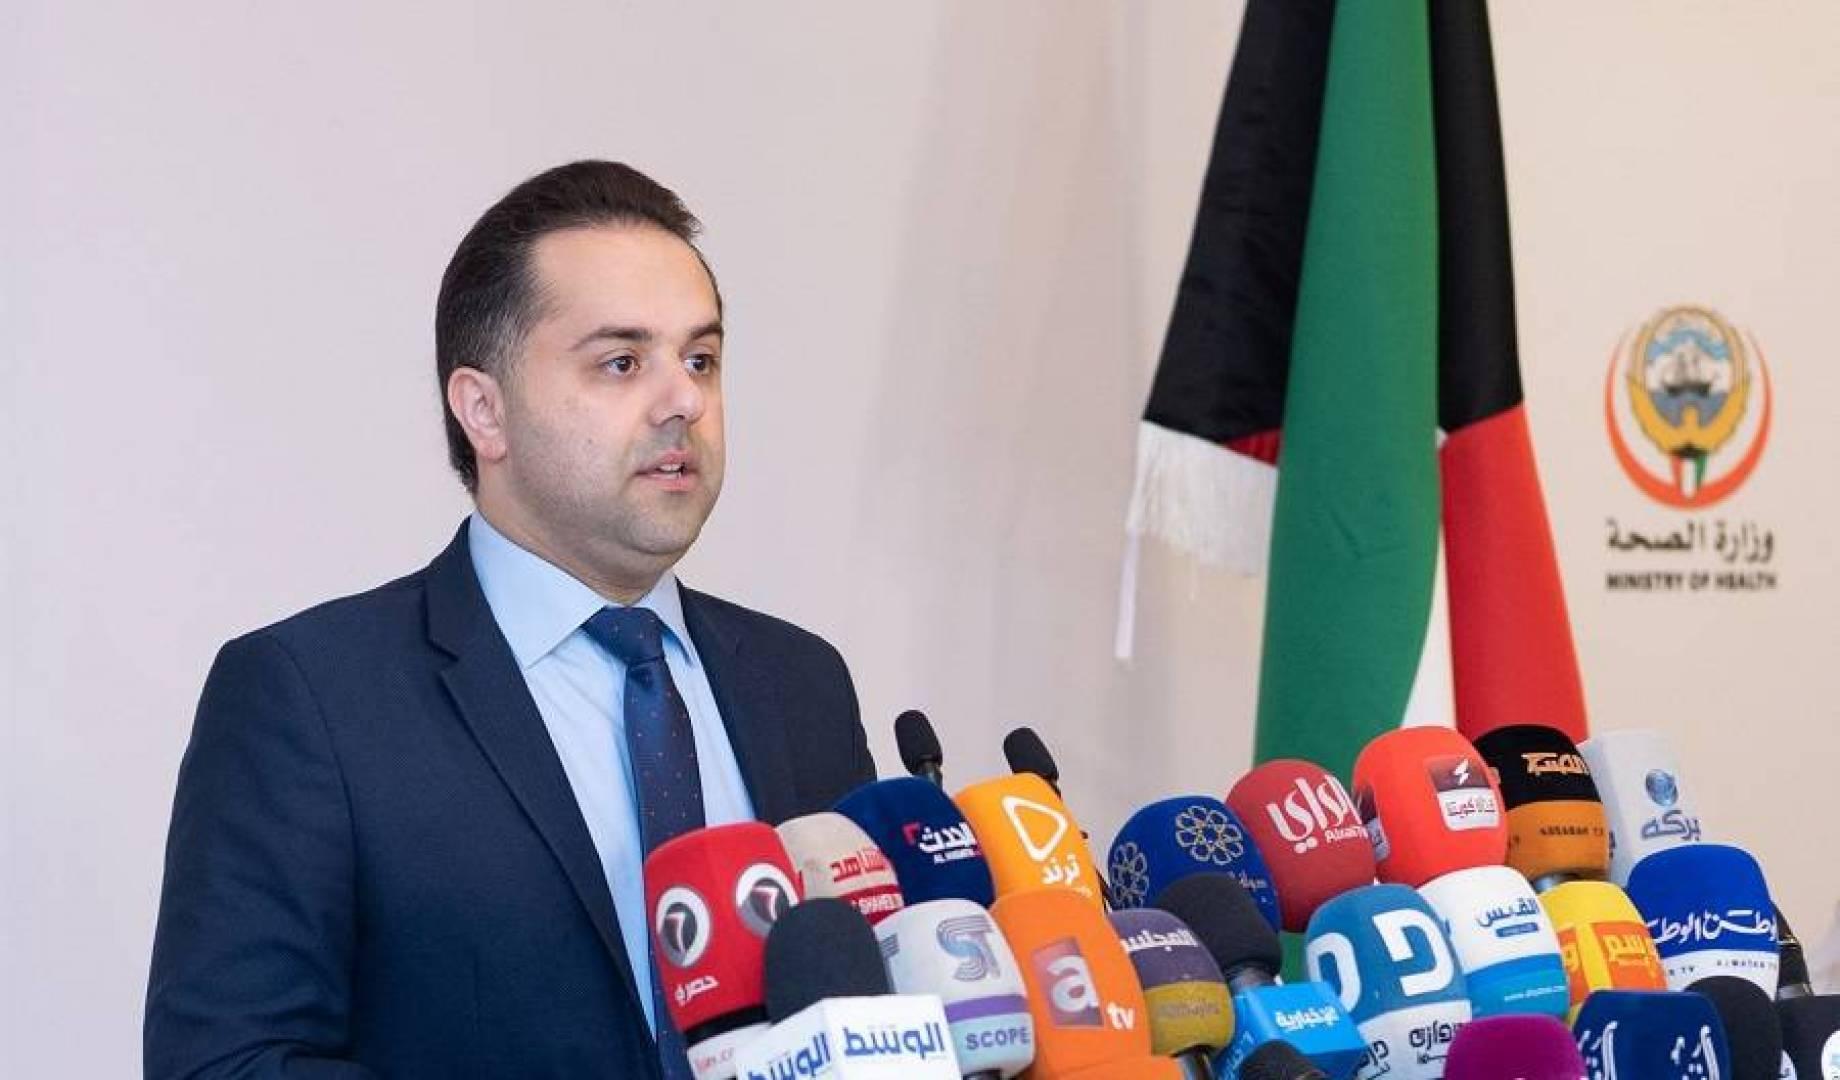 د. عبدالله السند: 28 شخصاً أنهوا فترة الحجر الصحي المؤسسي